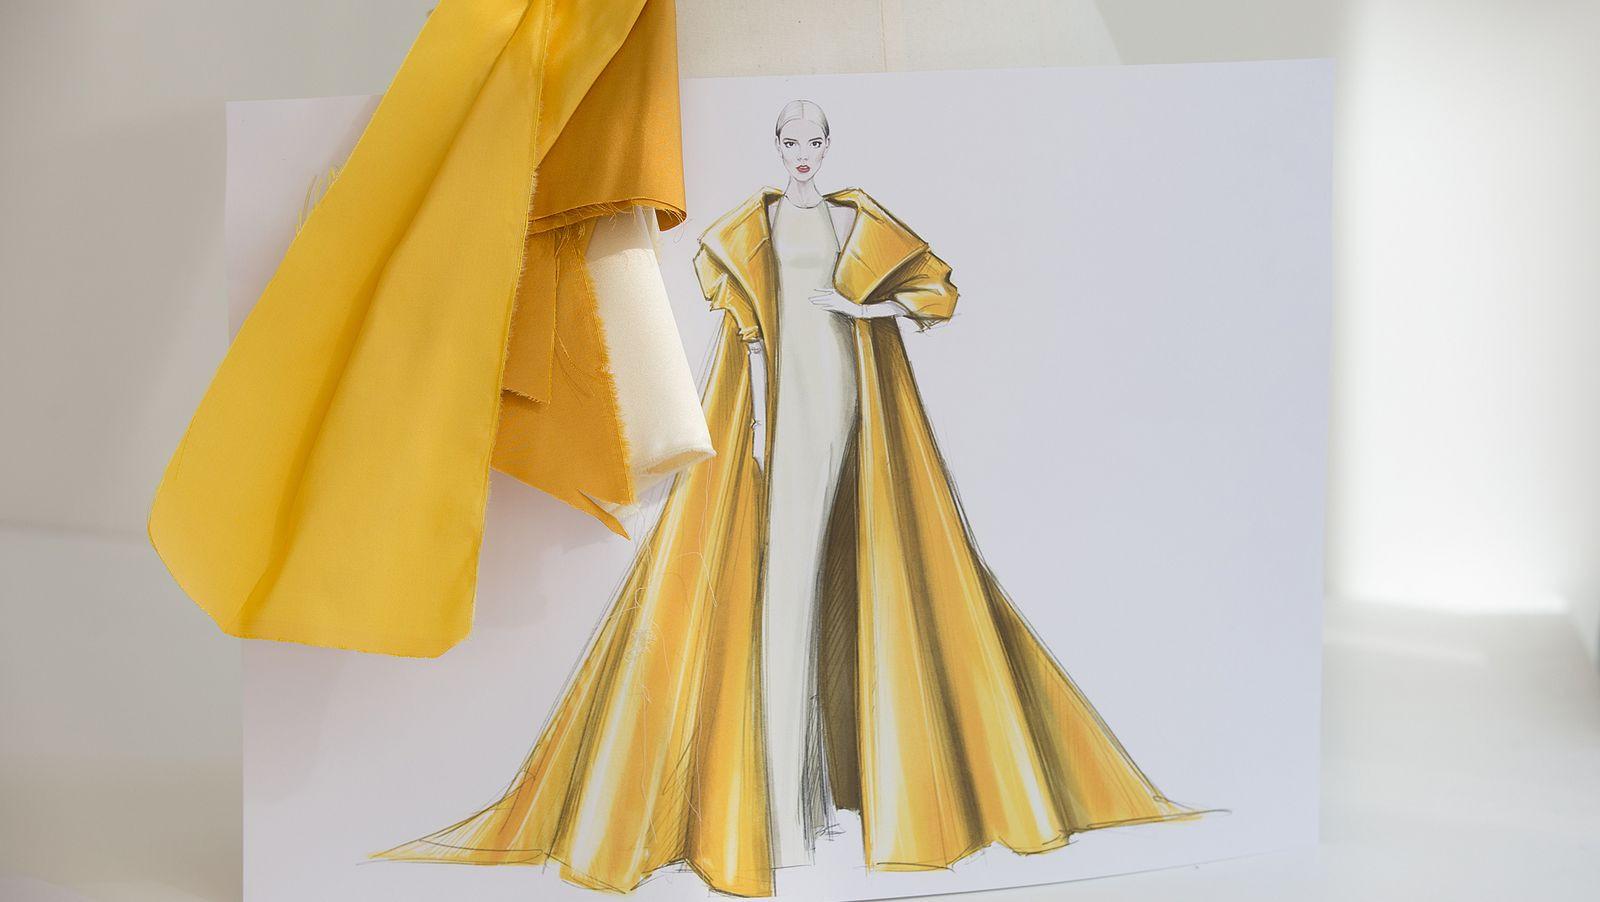 Ngắm bản vẽ trang phục của Anya Taylor-Joy tại giải Emmy - 3